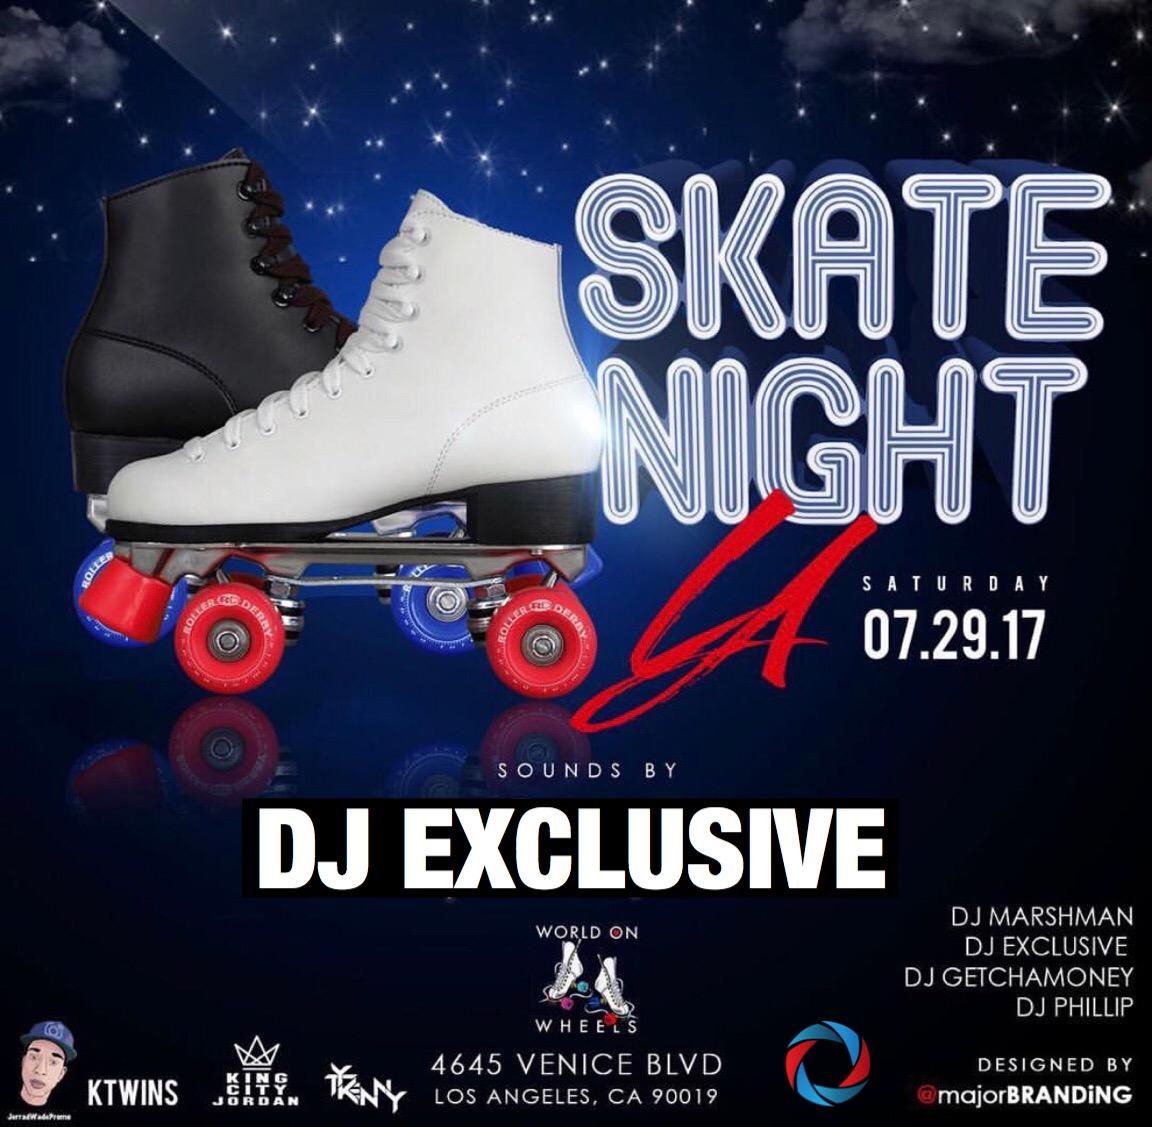 SkateNight